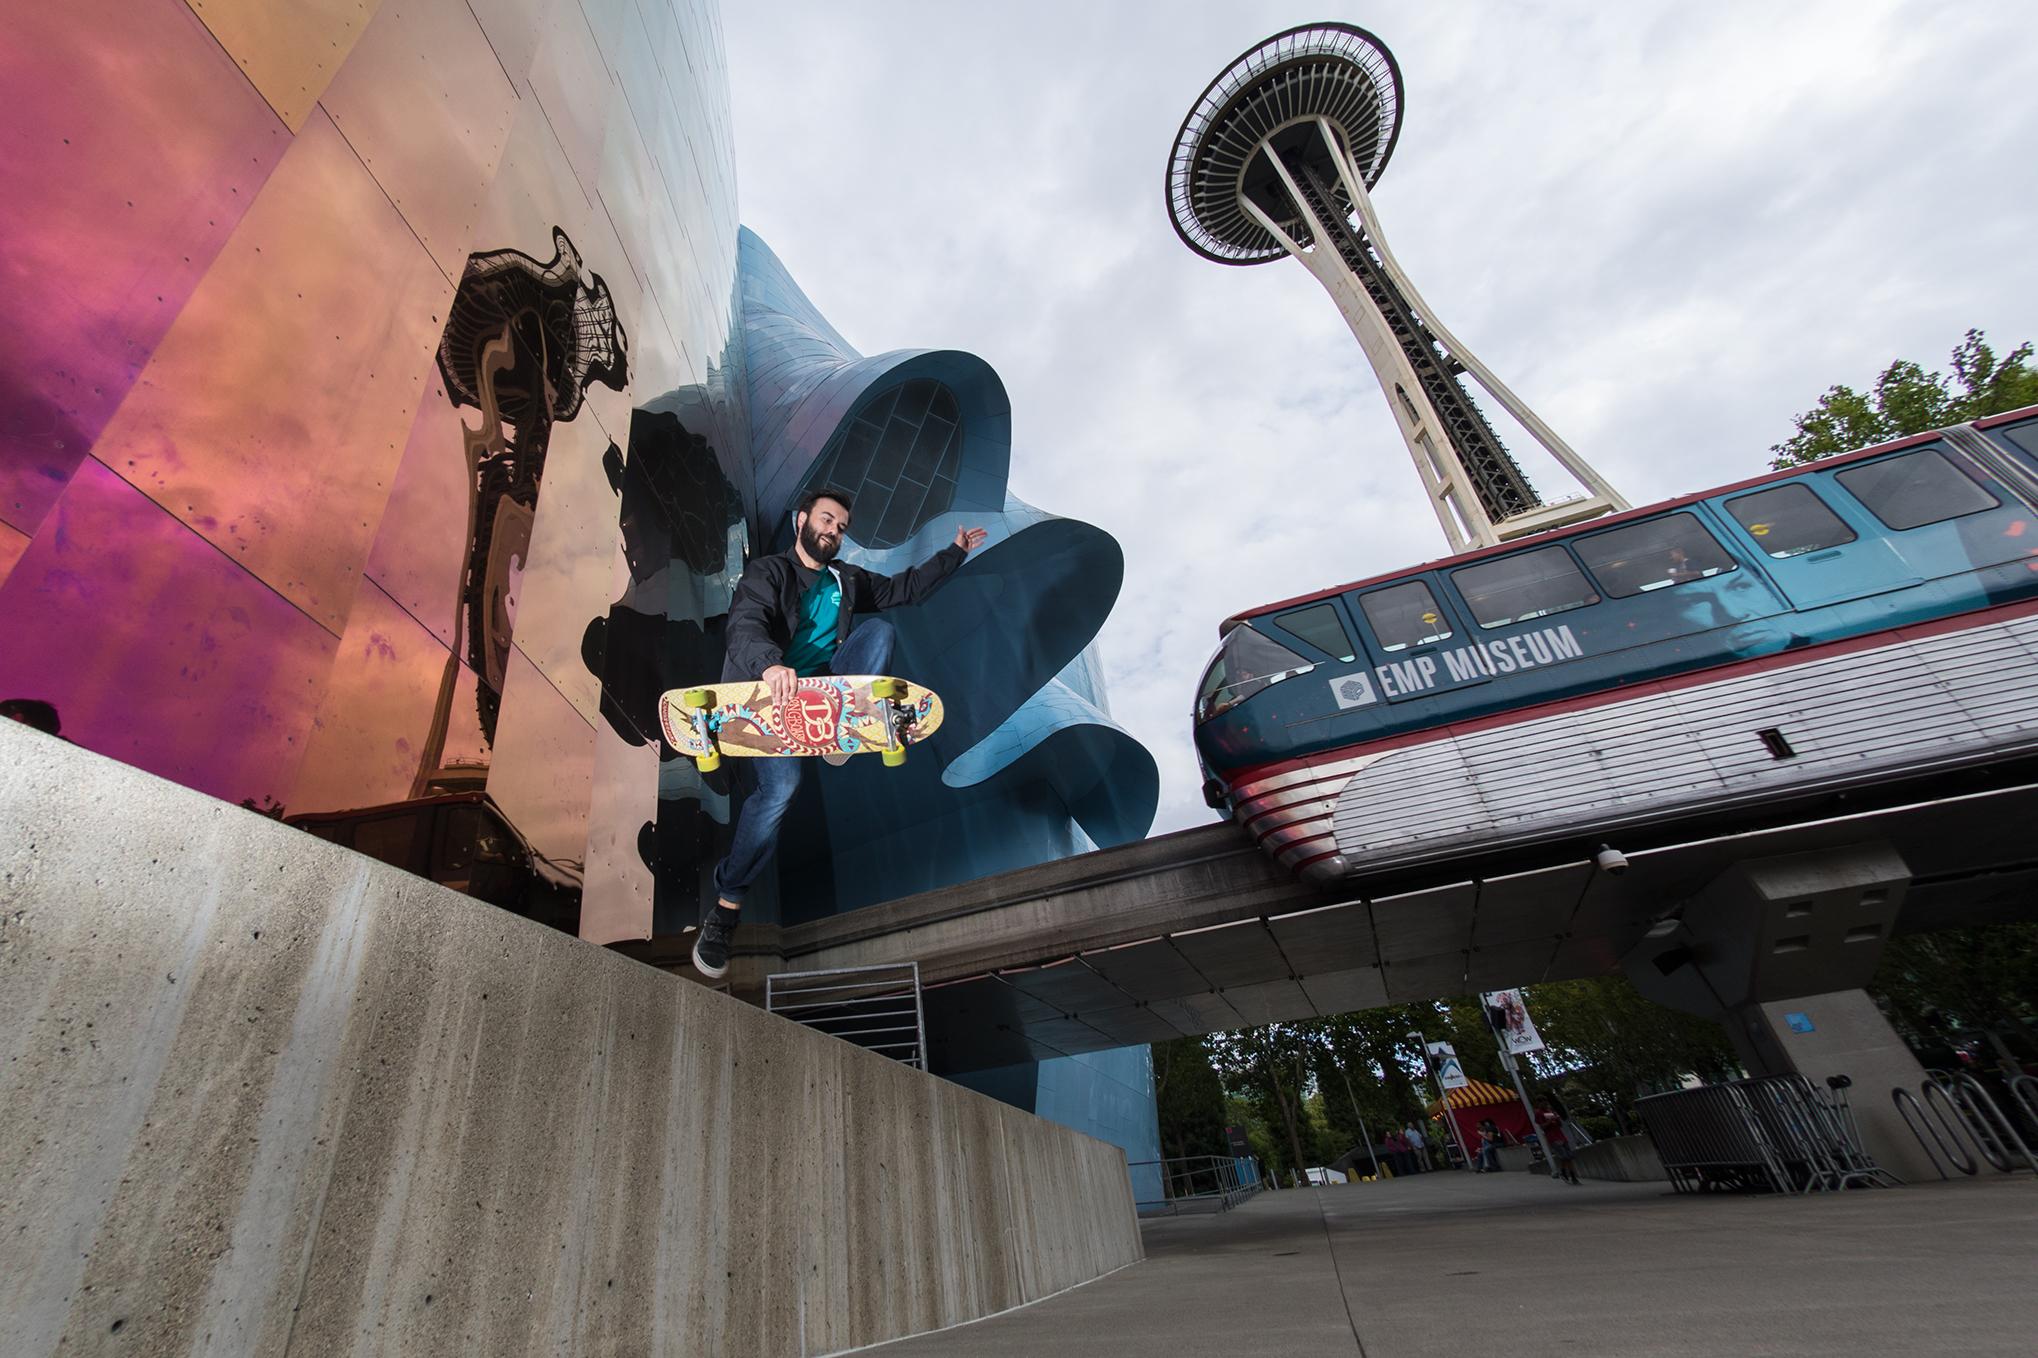 fb-skate-seattle-center